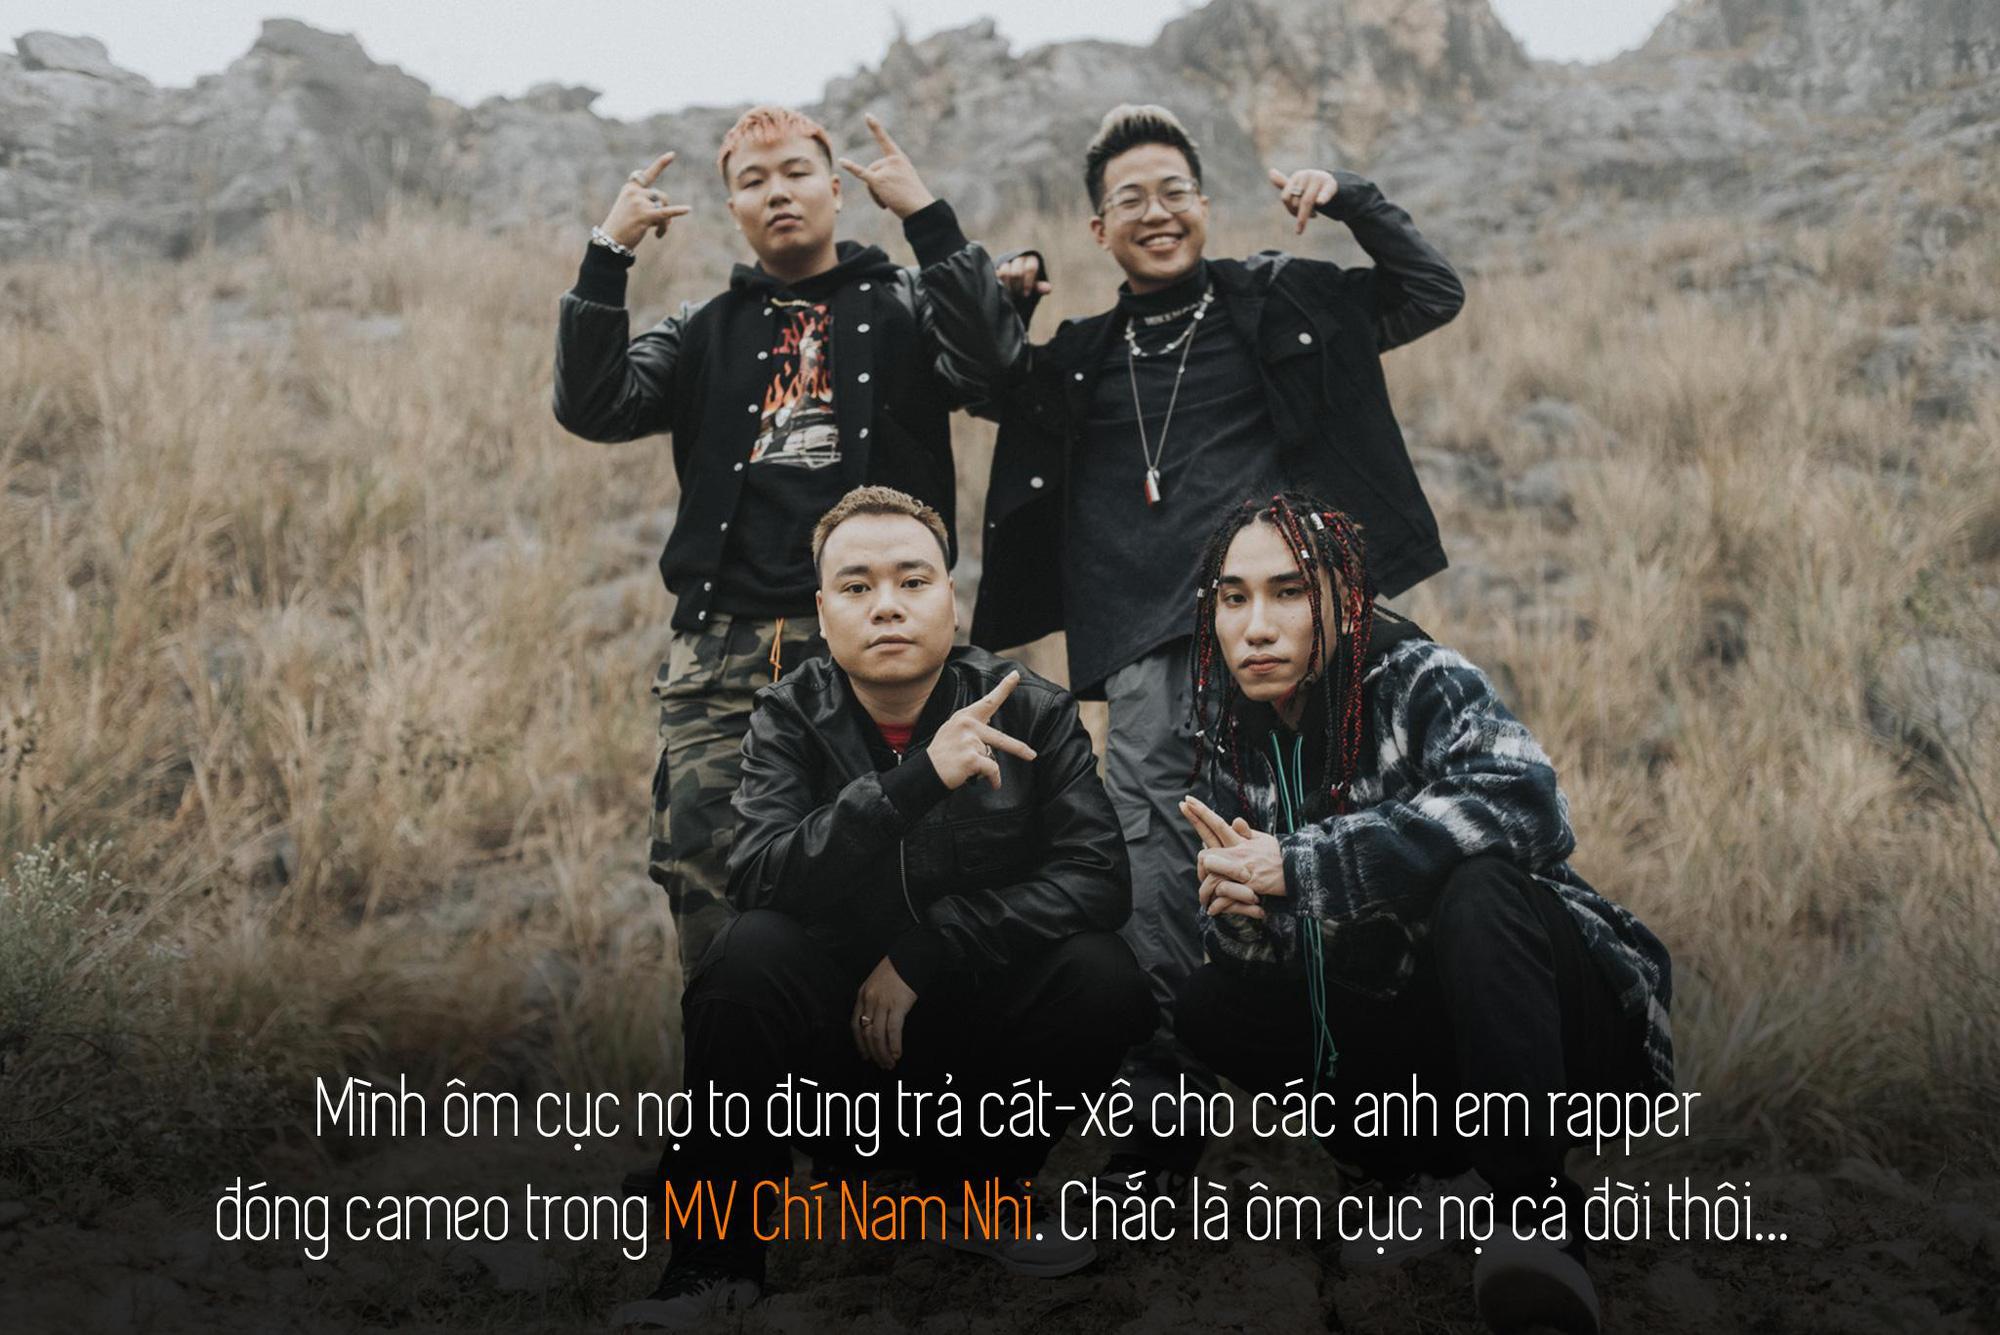 Quân R.E.V trải lòng sau MV Chí Nam Nhi: Tôi tự đẩy mình vào thử thách, làm rap nhưng phải đậm chất Việt Nam - Ảnh 2.